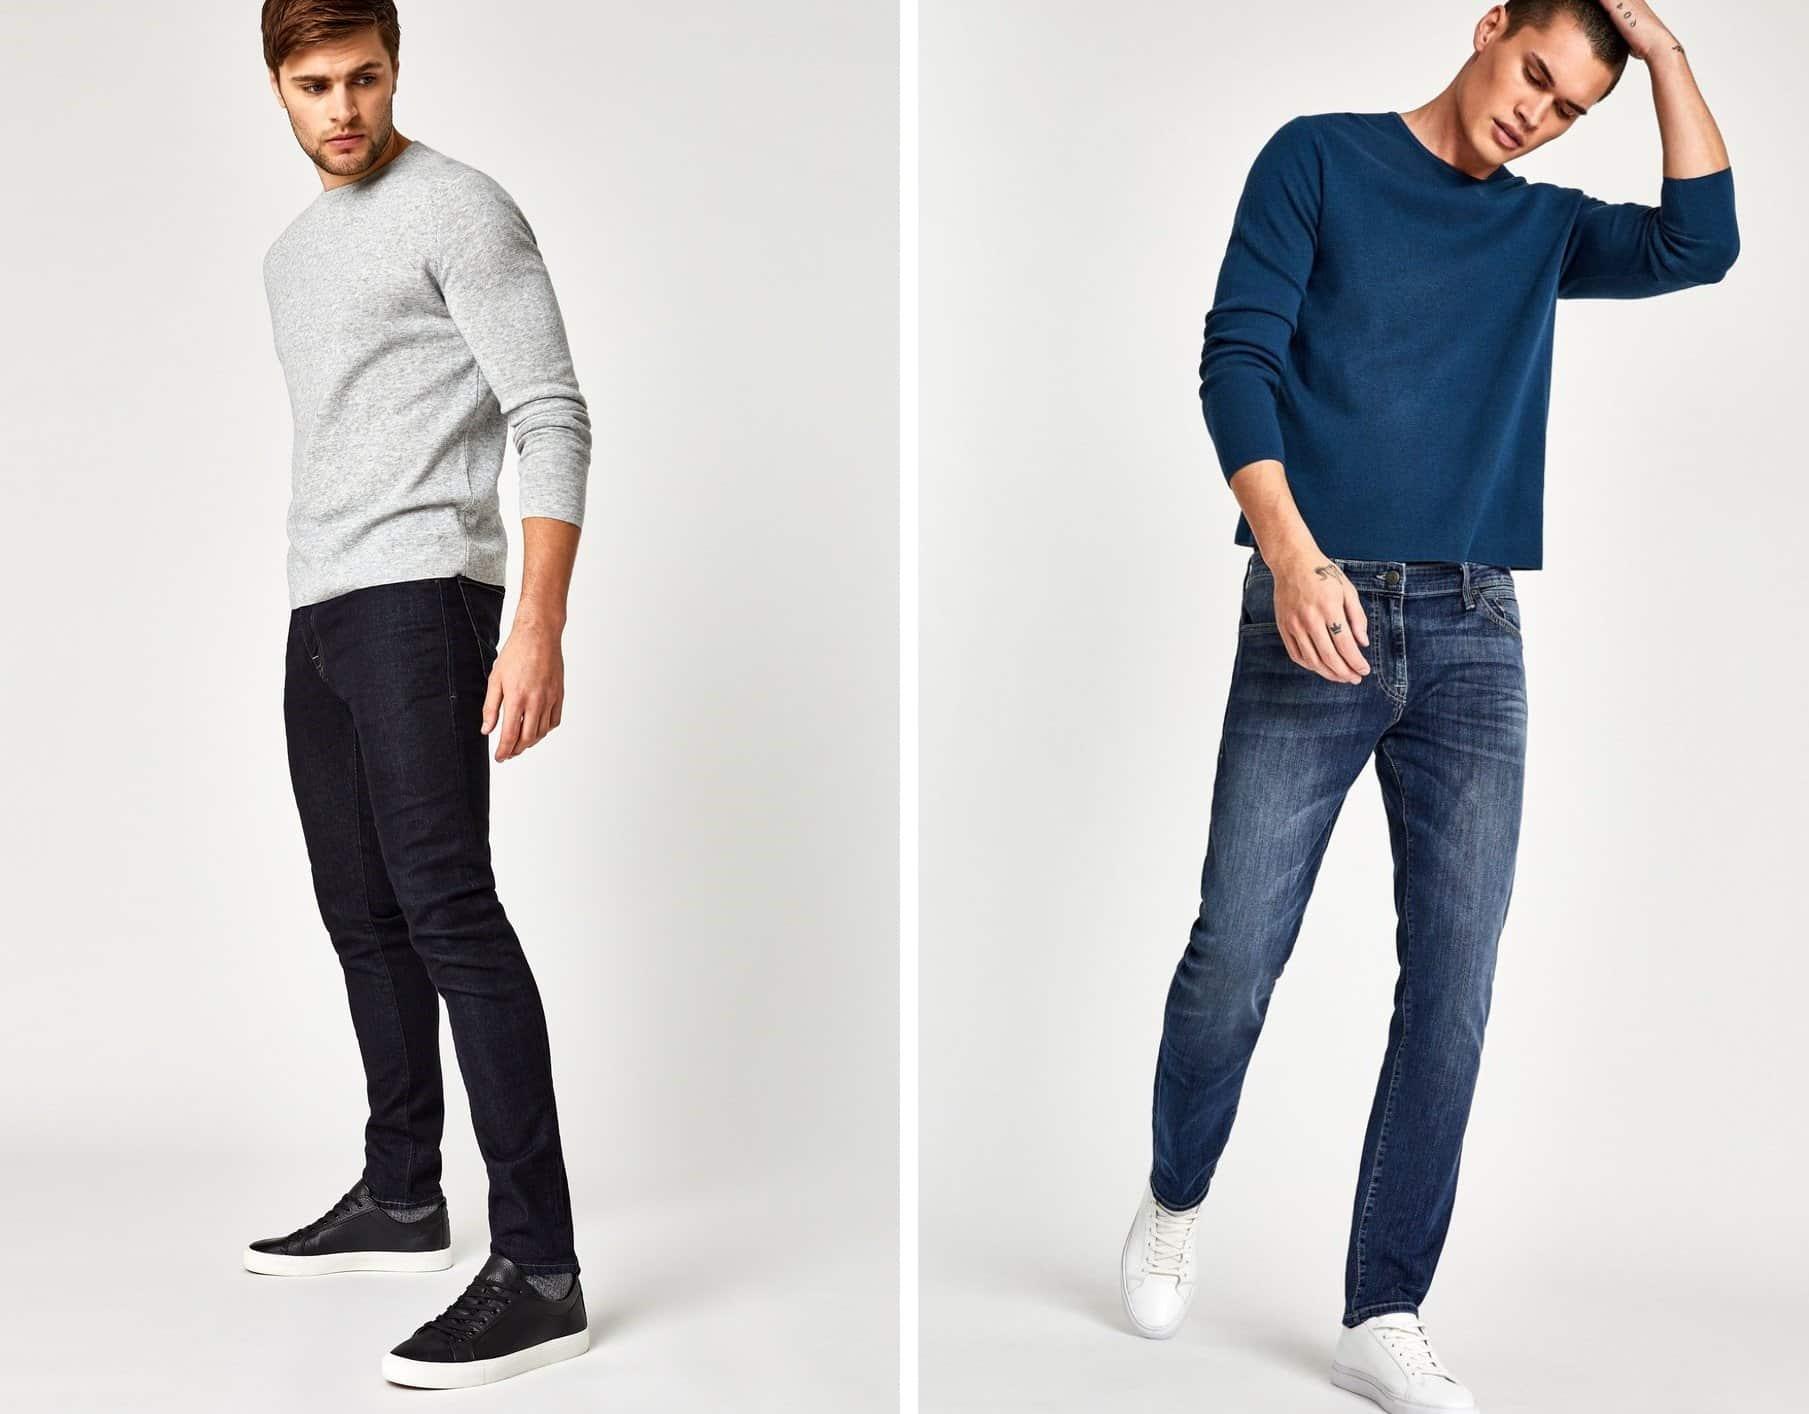 Pastikan-ukuran-celana-pas-dengan-tubuh-Anda